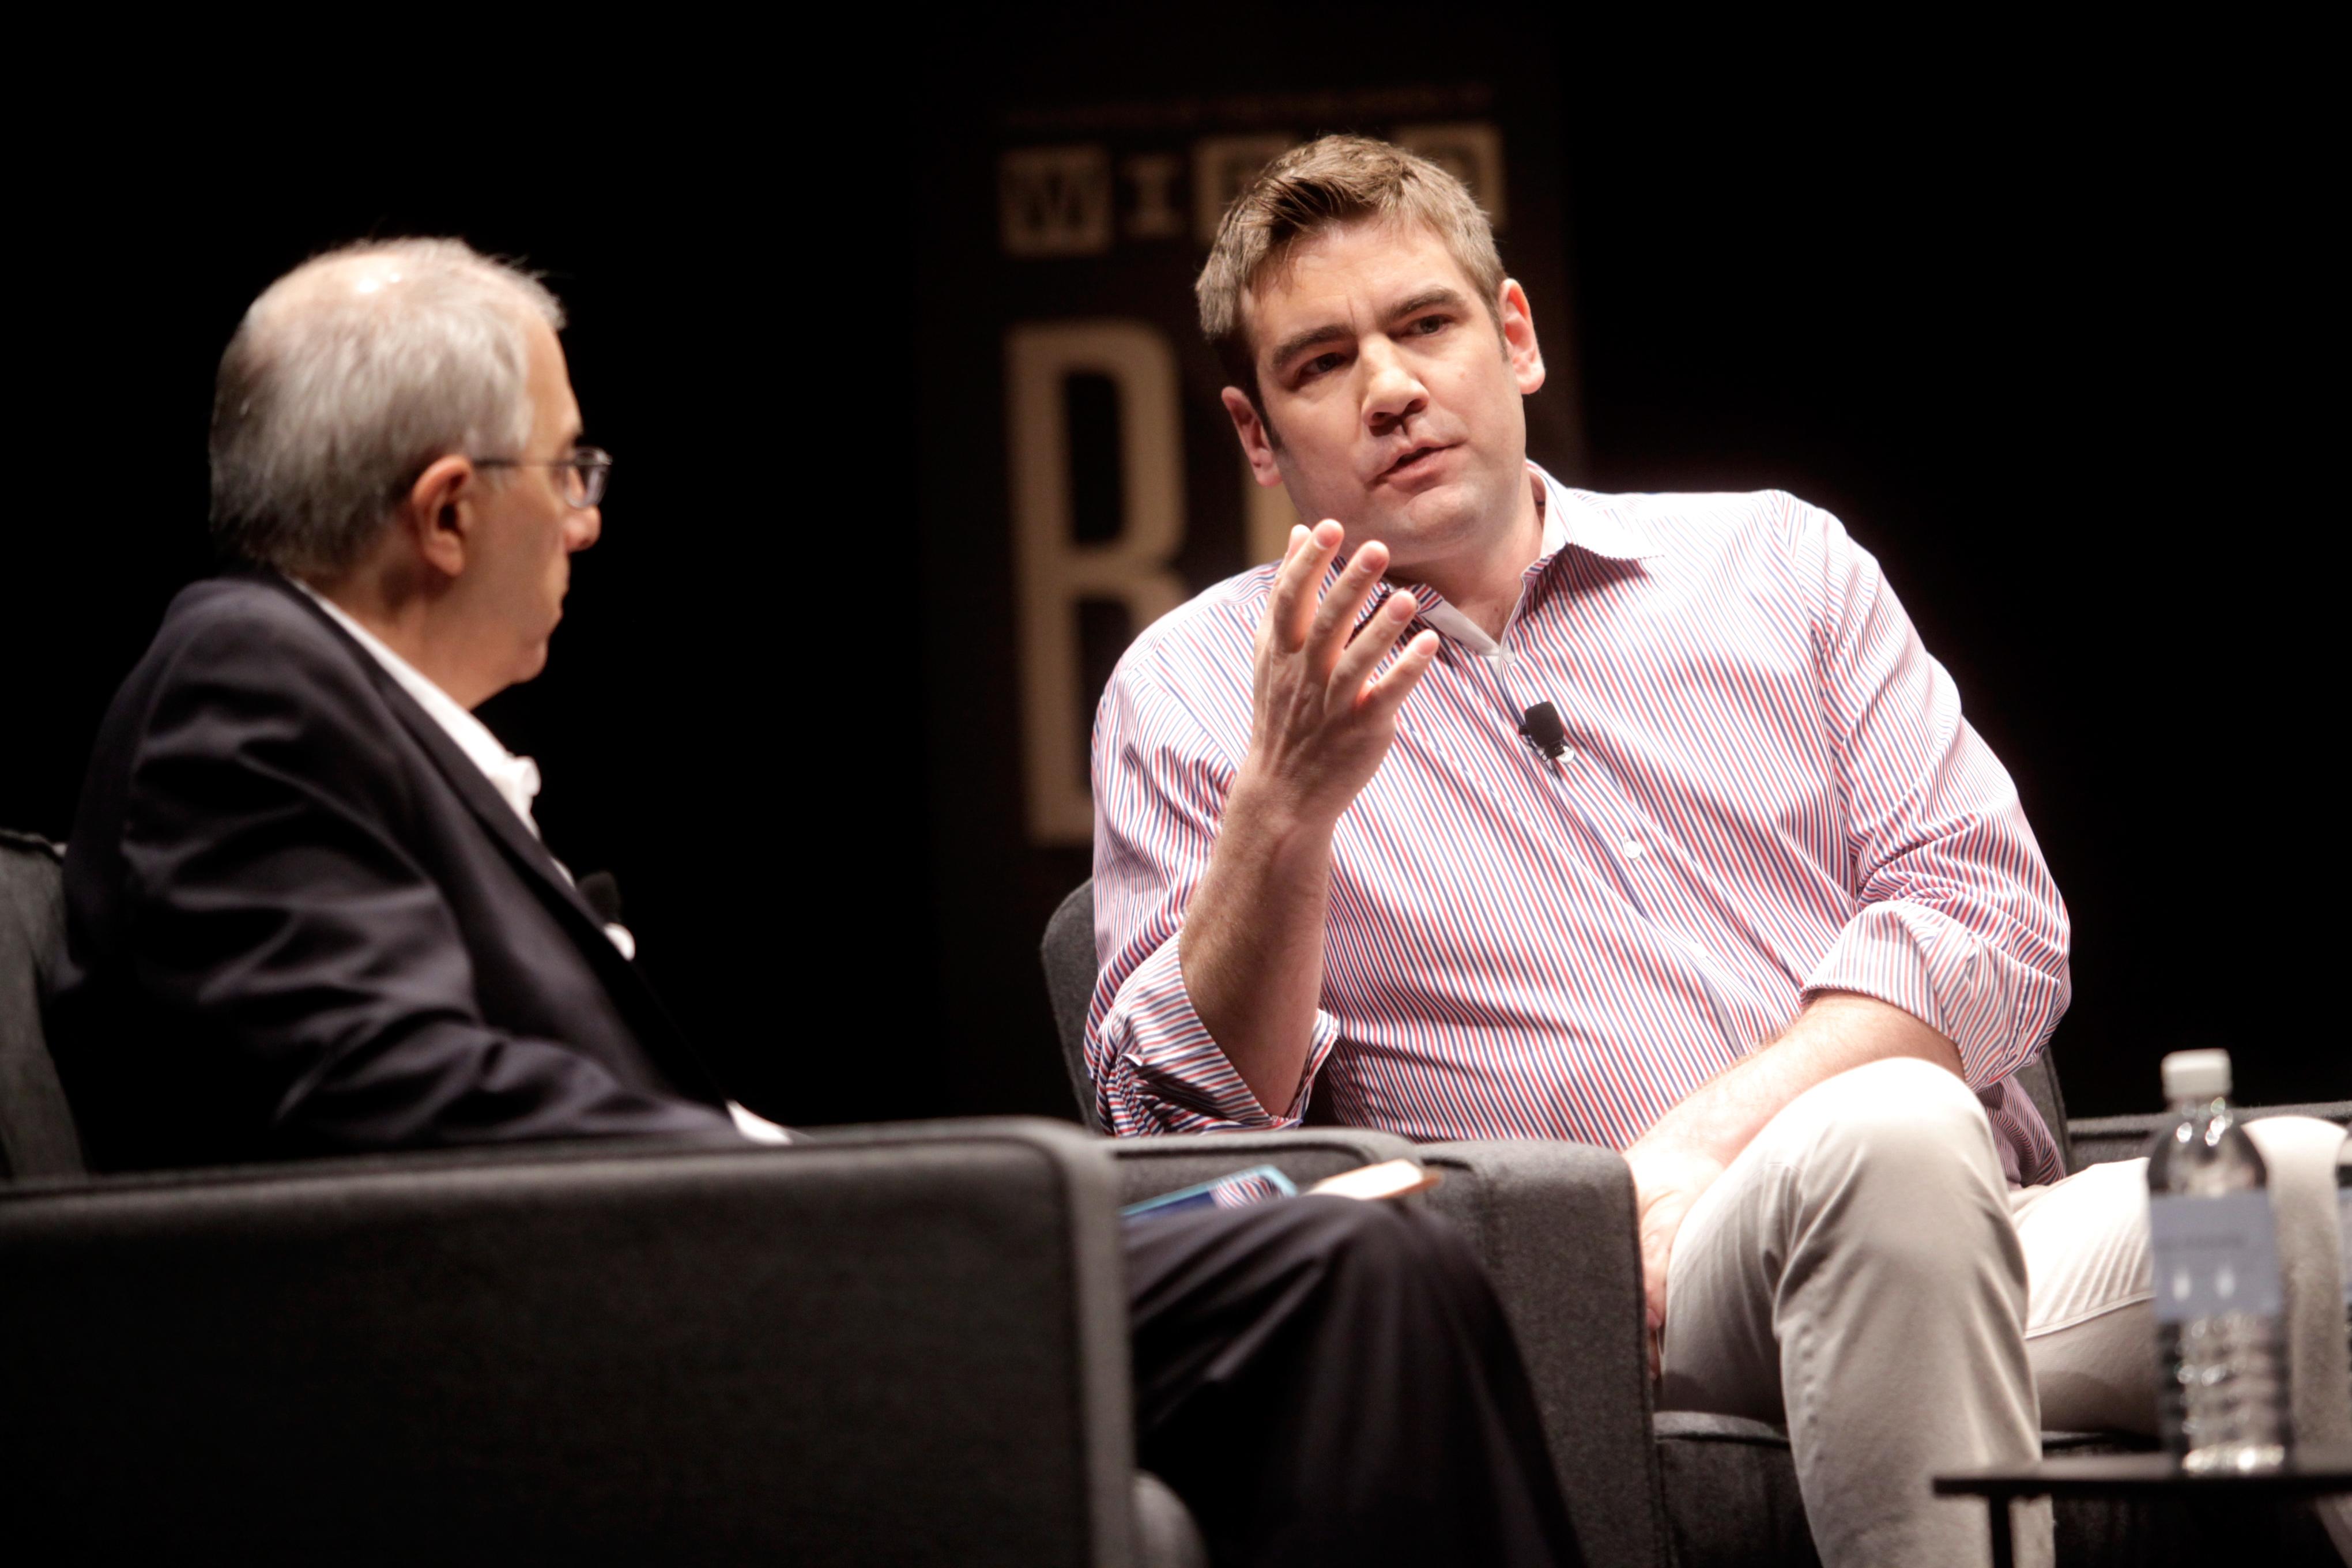 Andreessen Horowitz partner Chris Dixon, right, onstage with Steven Levy, left